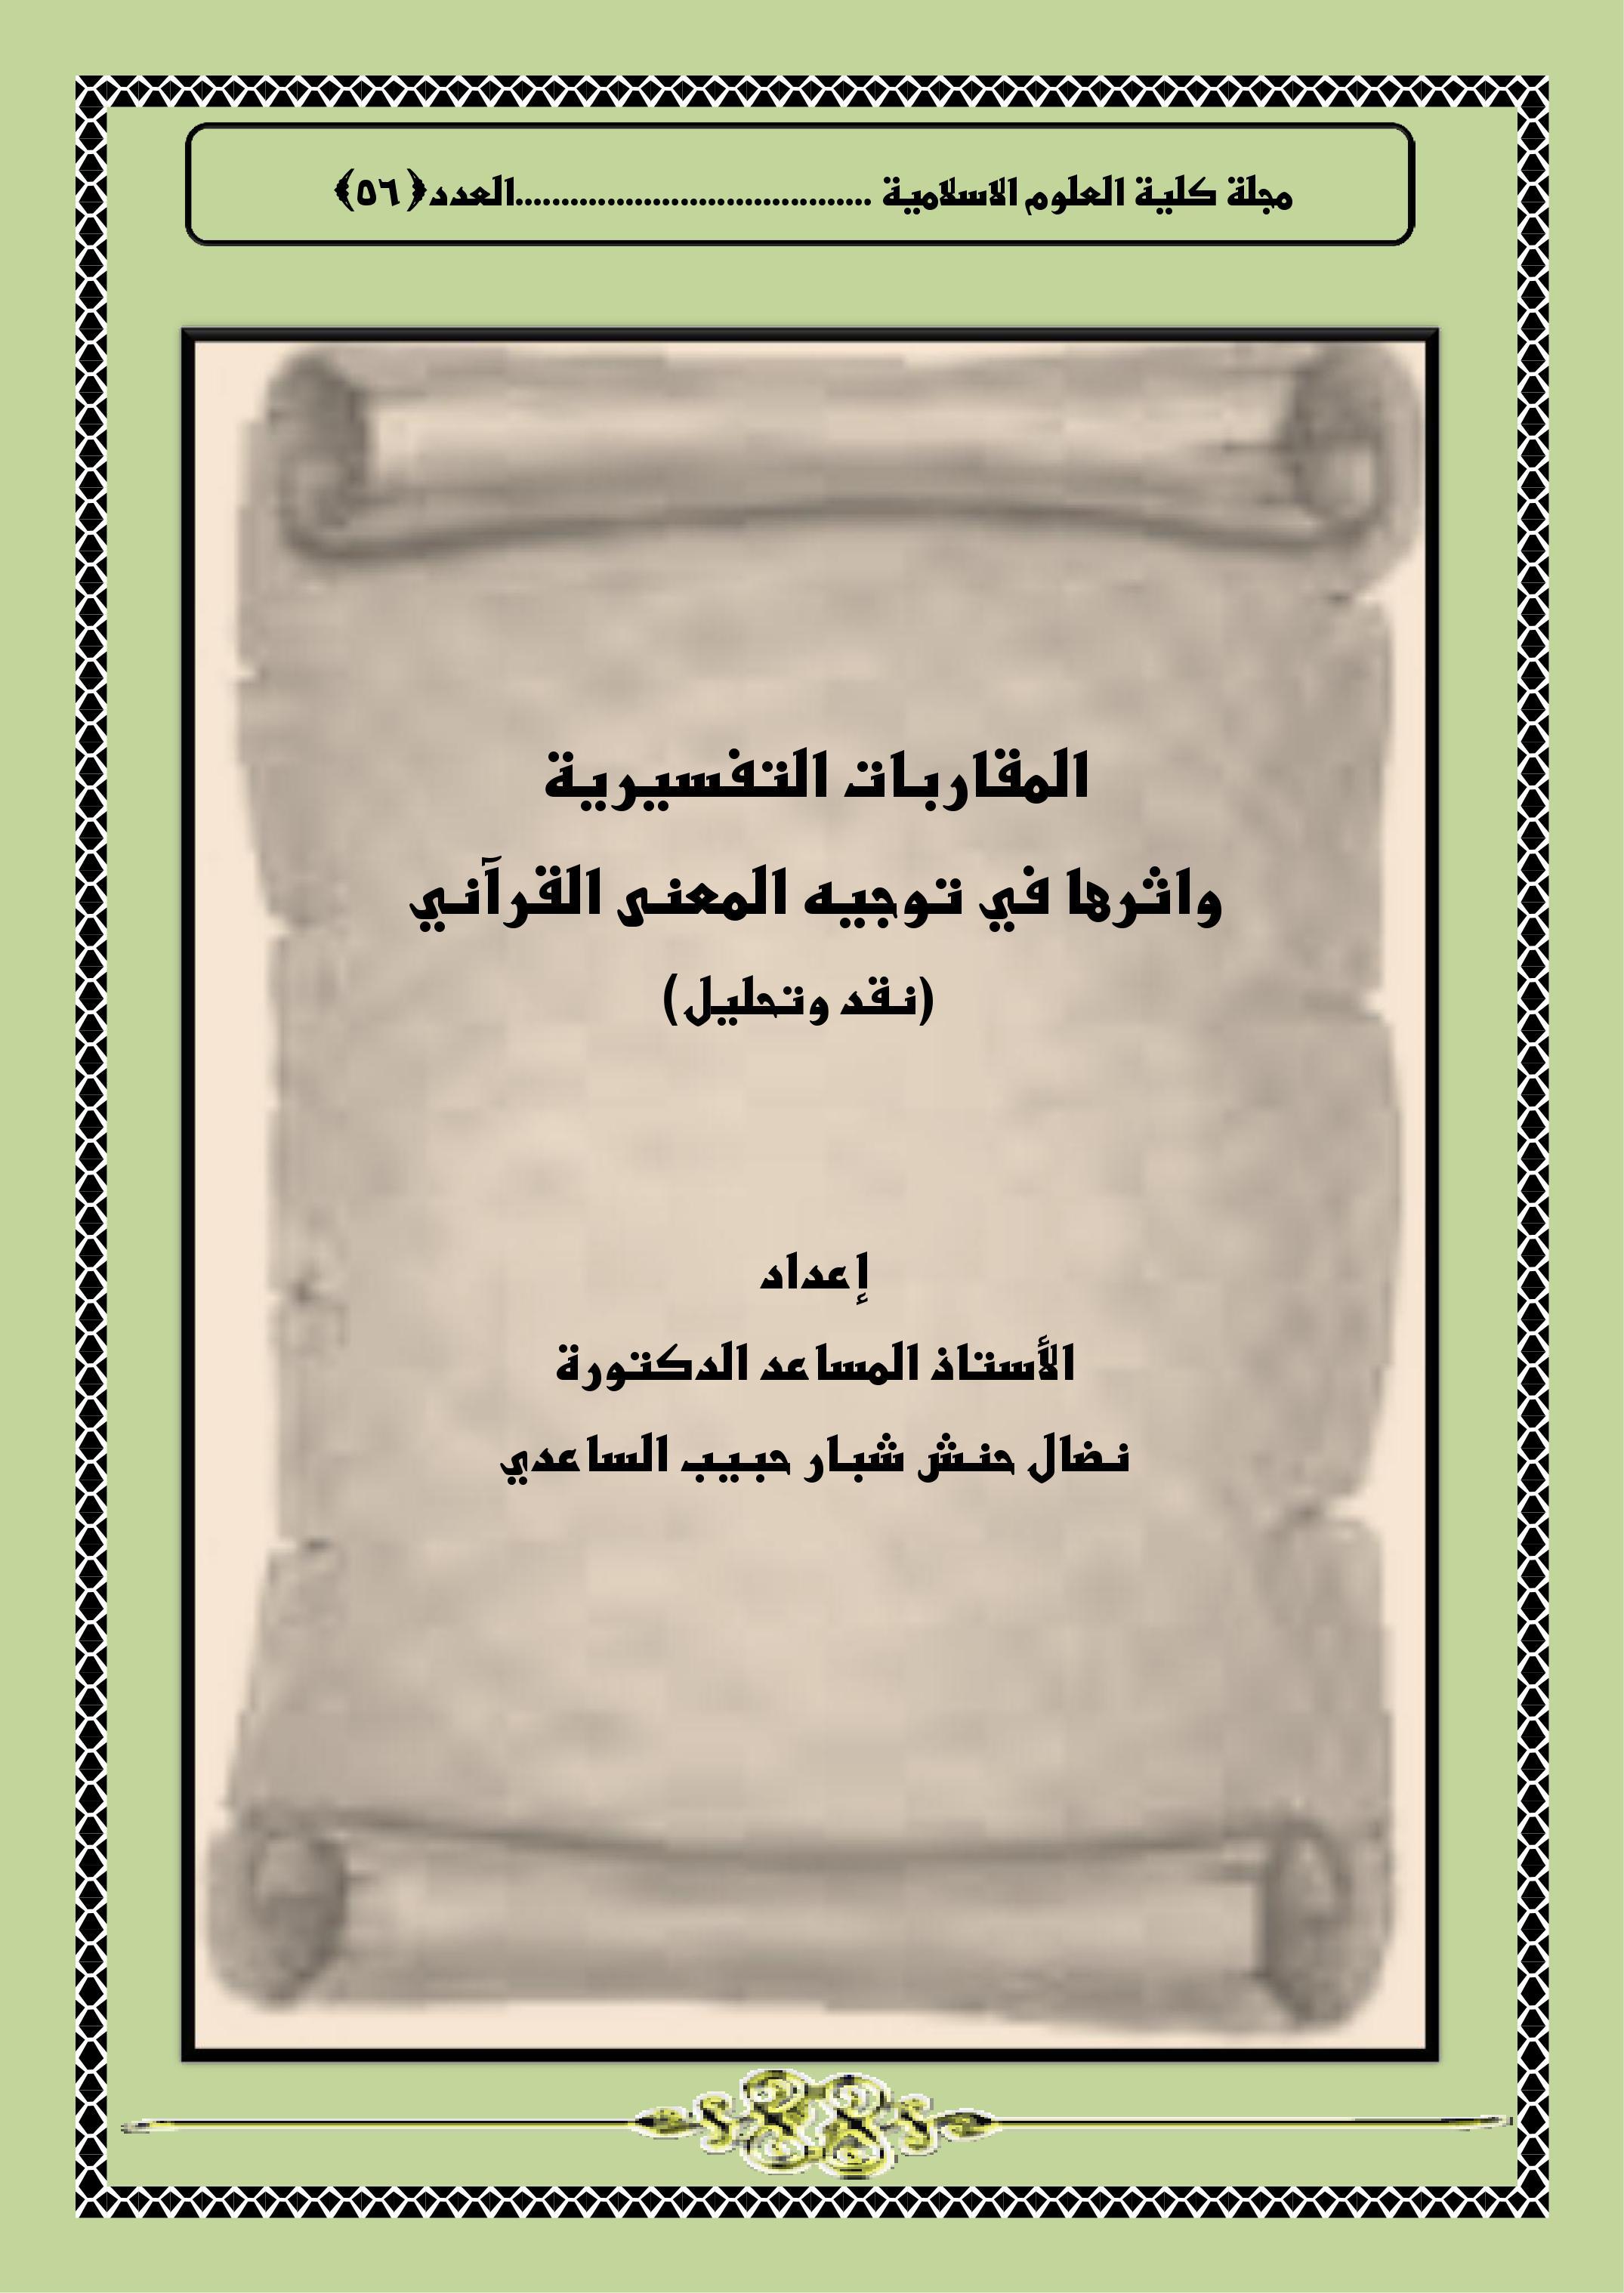 المقاربات التفسيرية واثرها في توجيه المعنى القرآني    (نقد وتحليل )